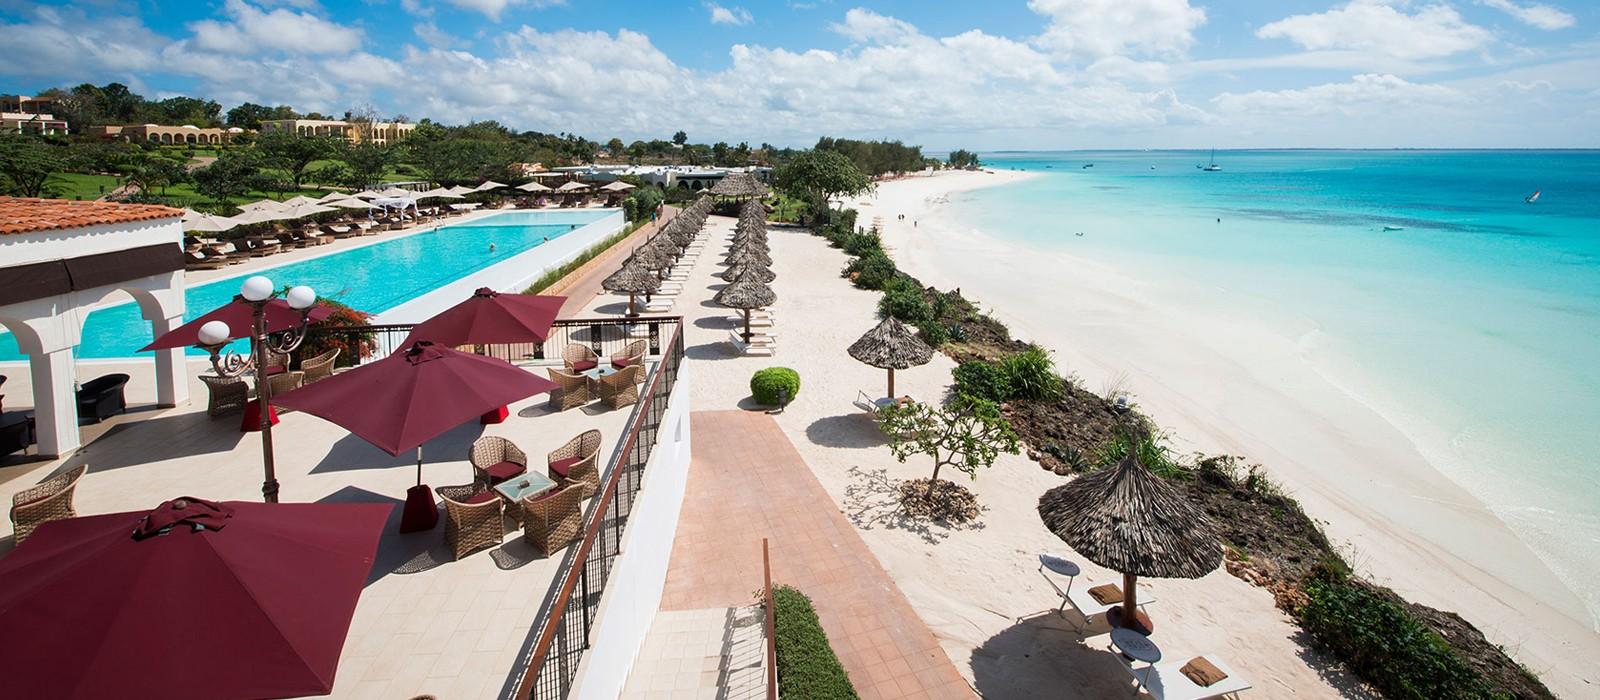 Luxury Zanzibar Holiday Packages Riu Palace Zanzibar thumbnail